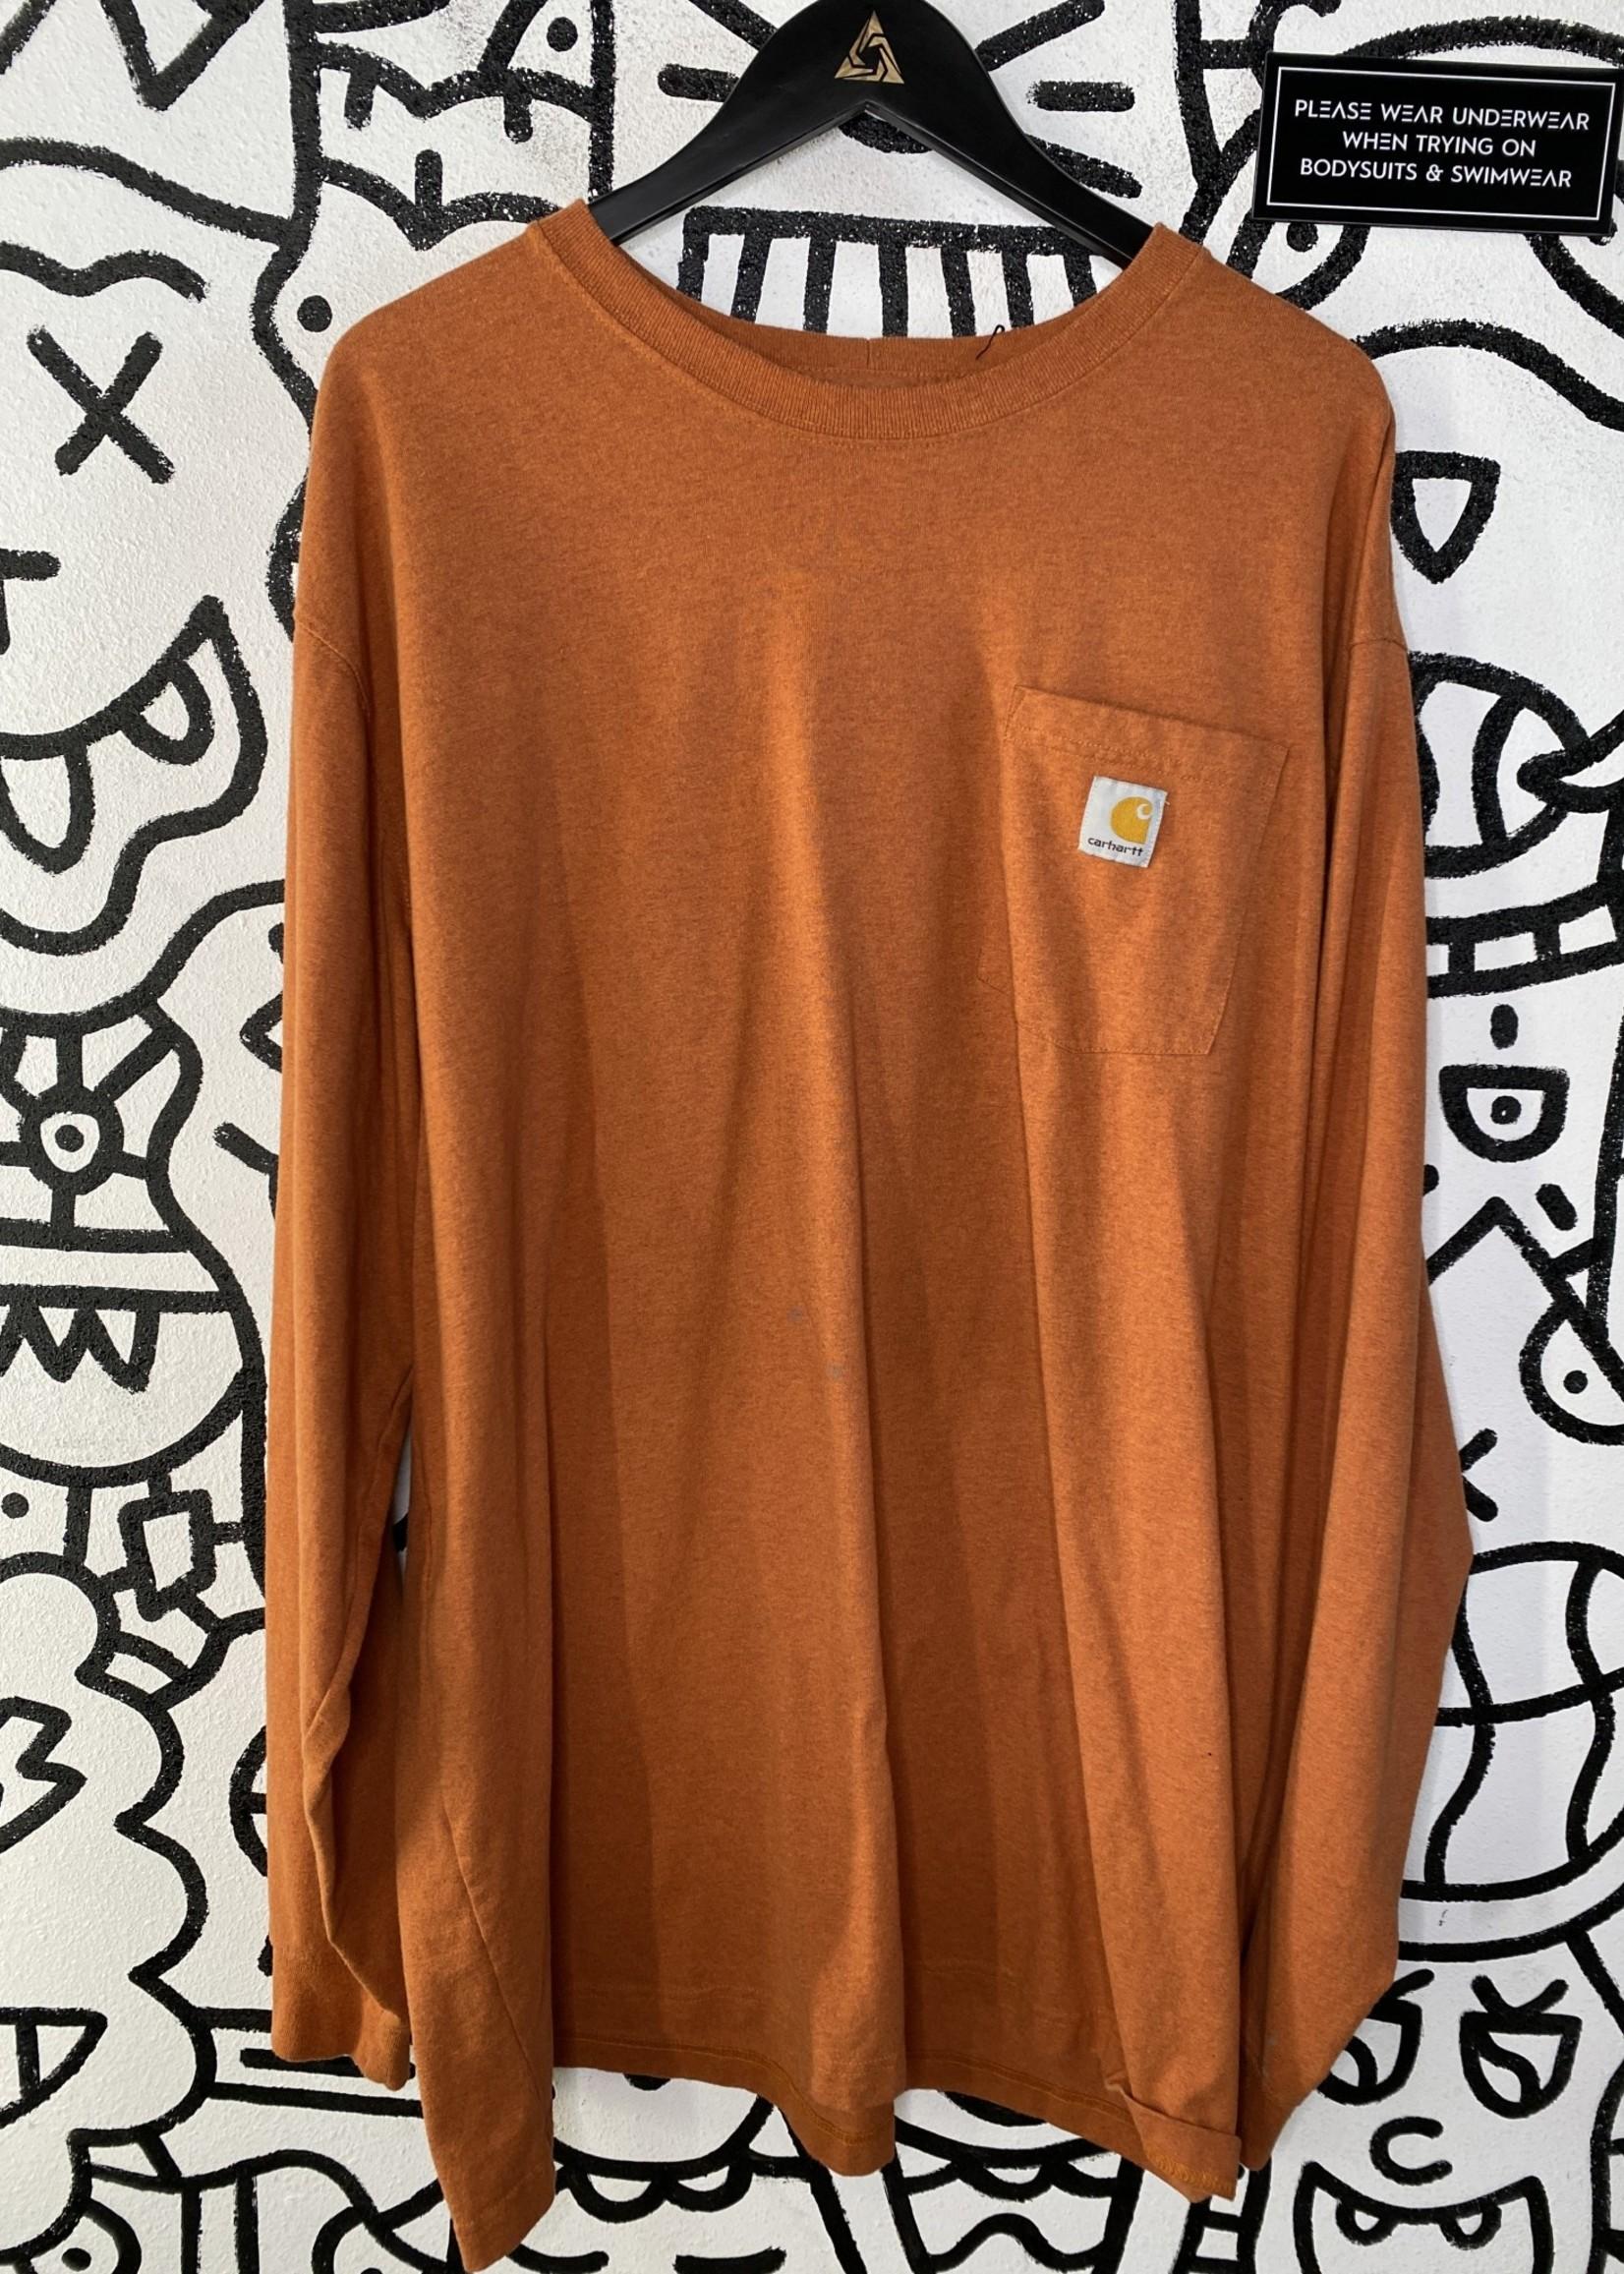 Carhartt Orange Long Sleeve Pocket Tee 2XL Tall As Is